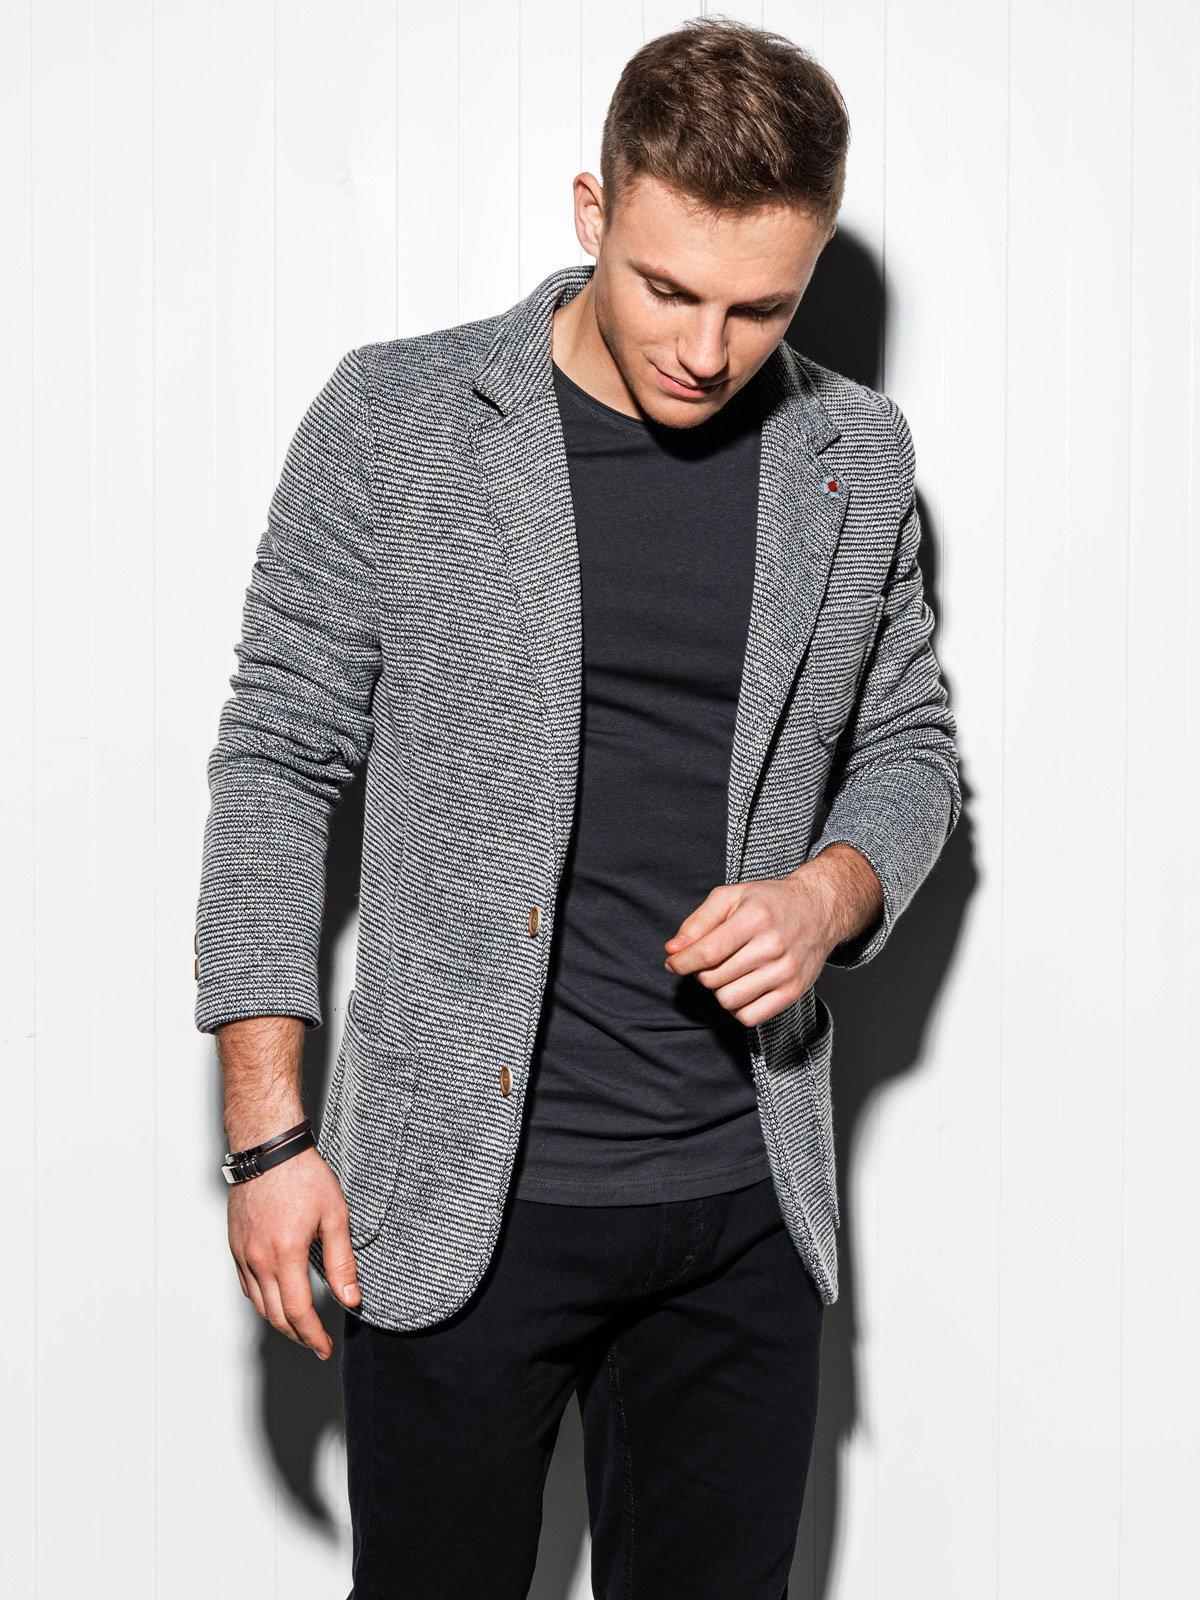 Купить со скидкой Чоловічий повсякденний піджак M158 - сірий